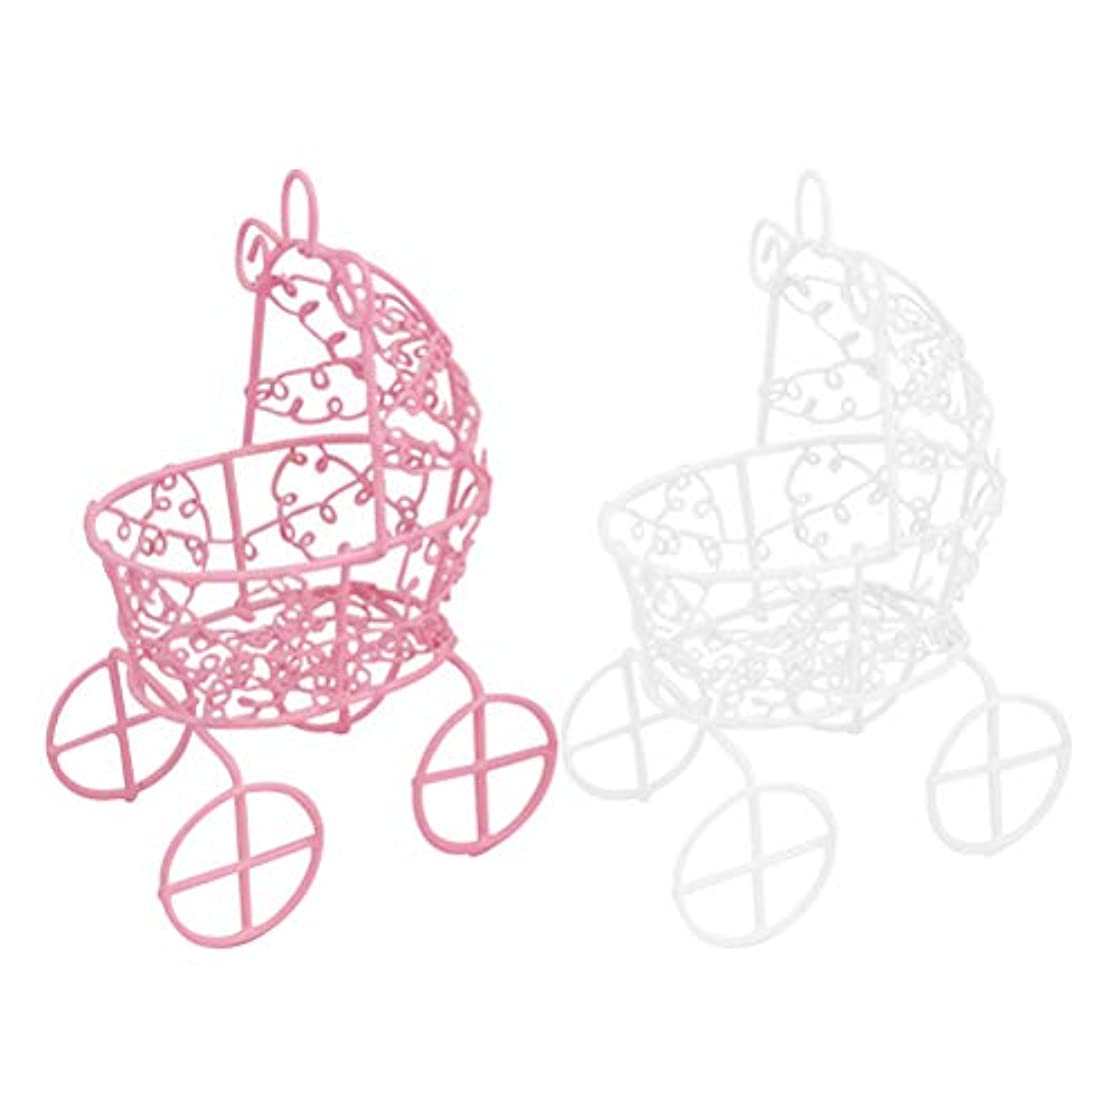 口ひげ本質的ではない減るFrcolor メイクスポンジスタンド パフホルダー パフ乾燥用スタンド 化粧用パフ收納 カビ防止 小型軽量 2色セット(ピンク+ホワイト)